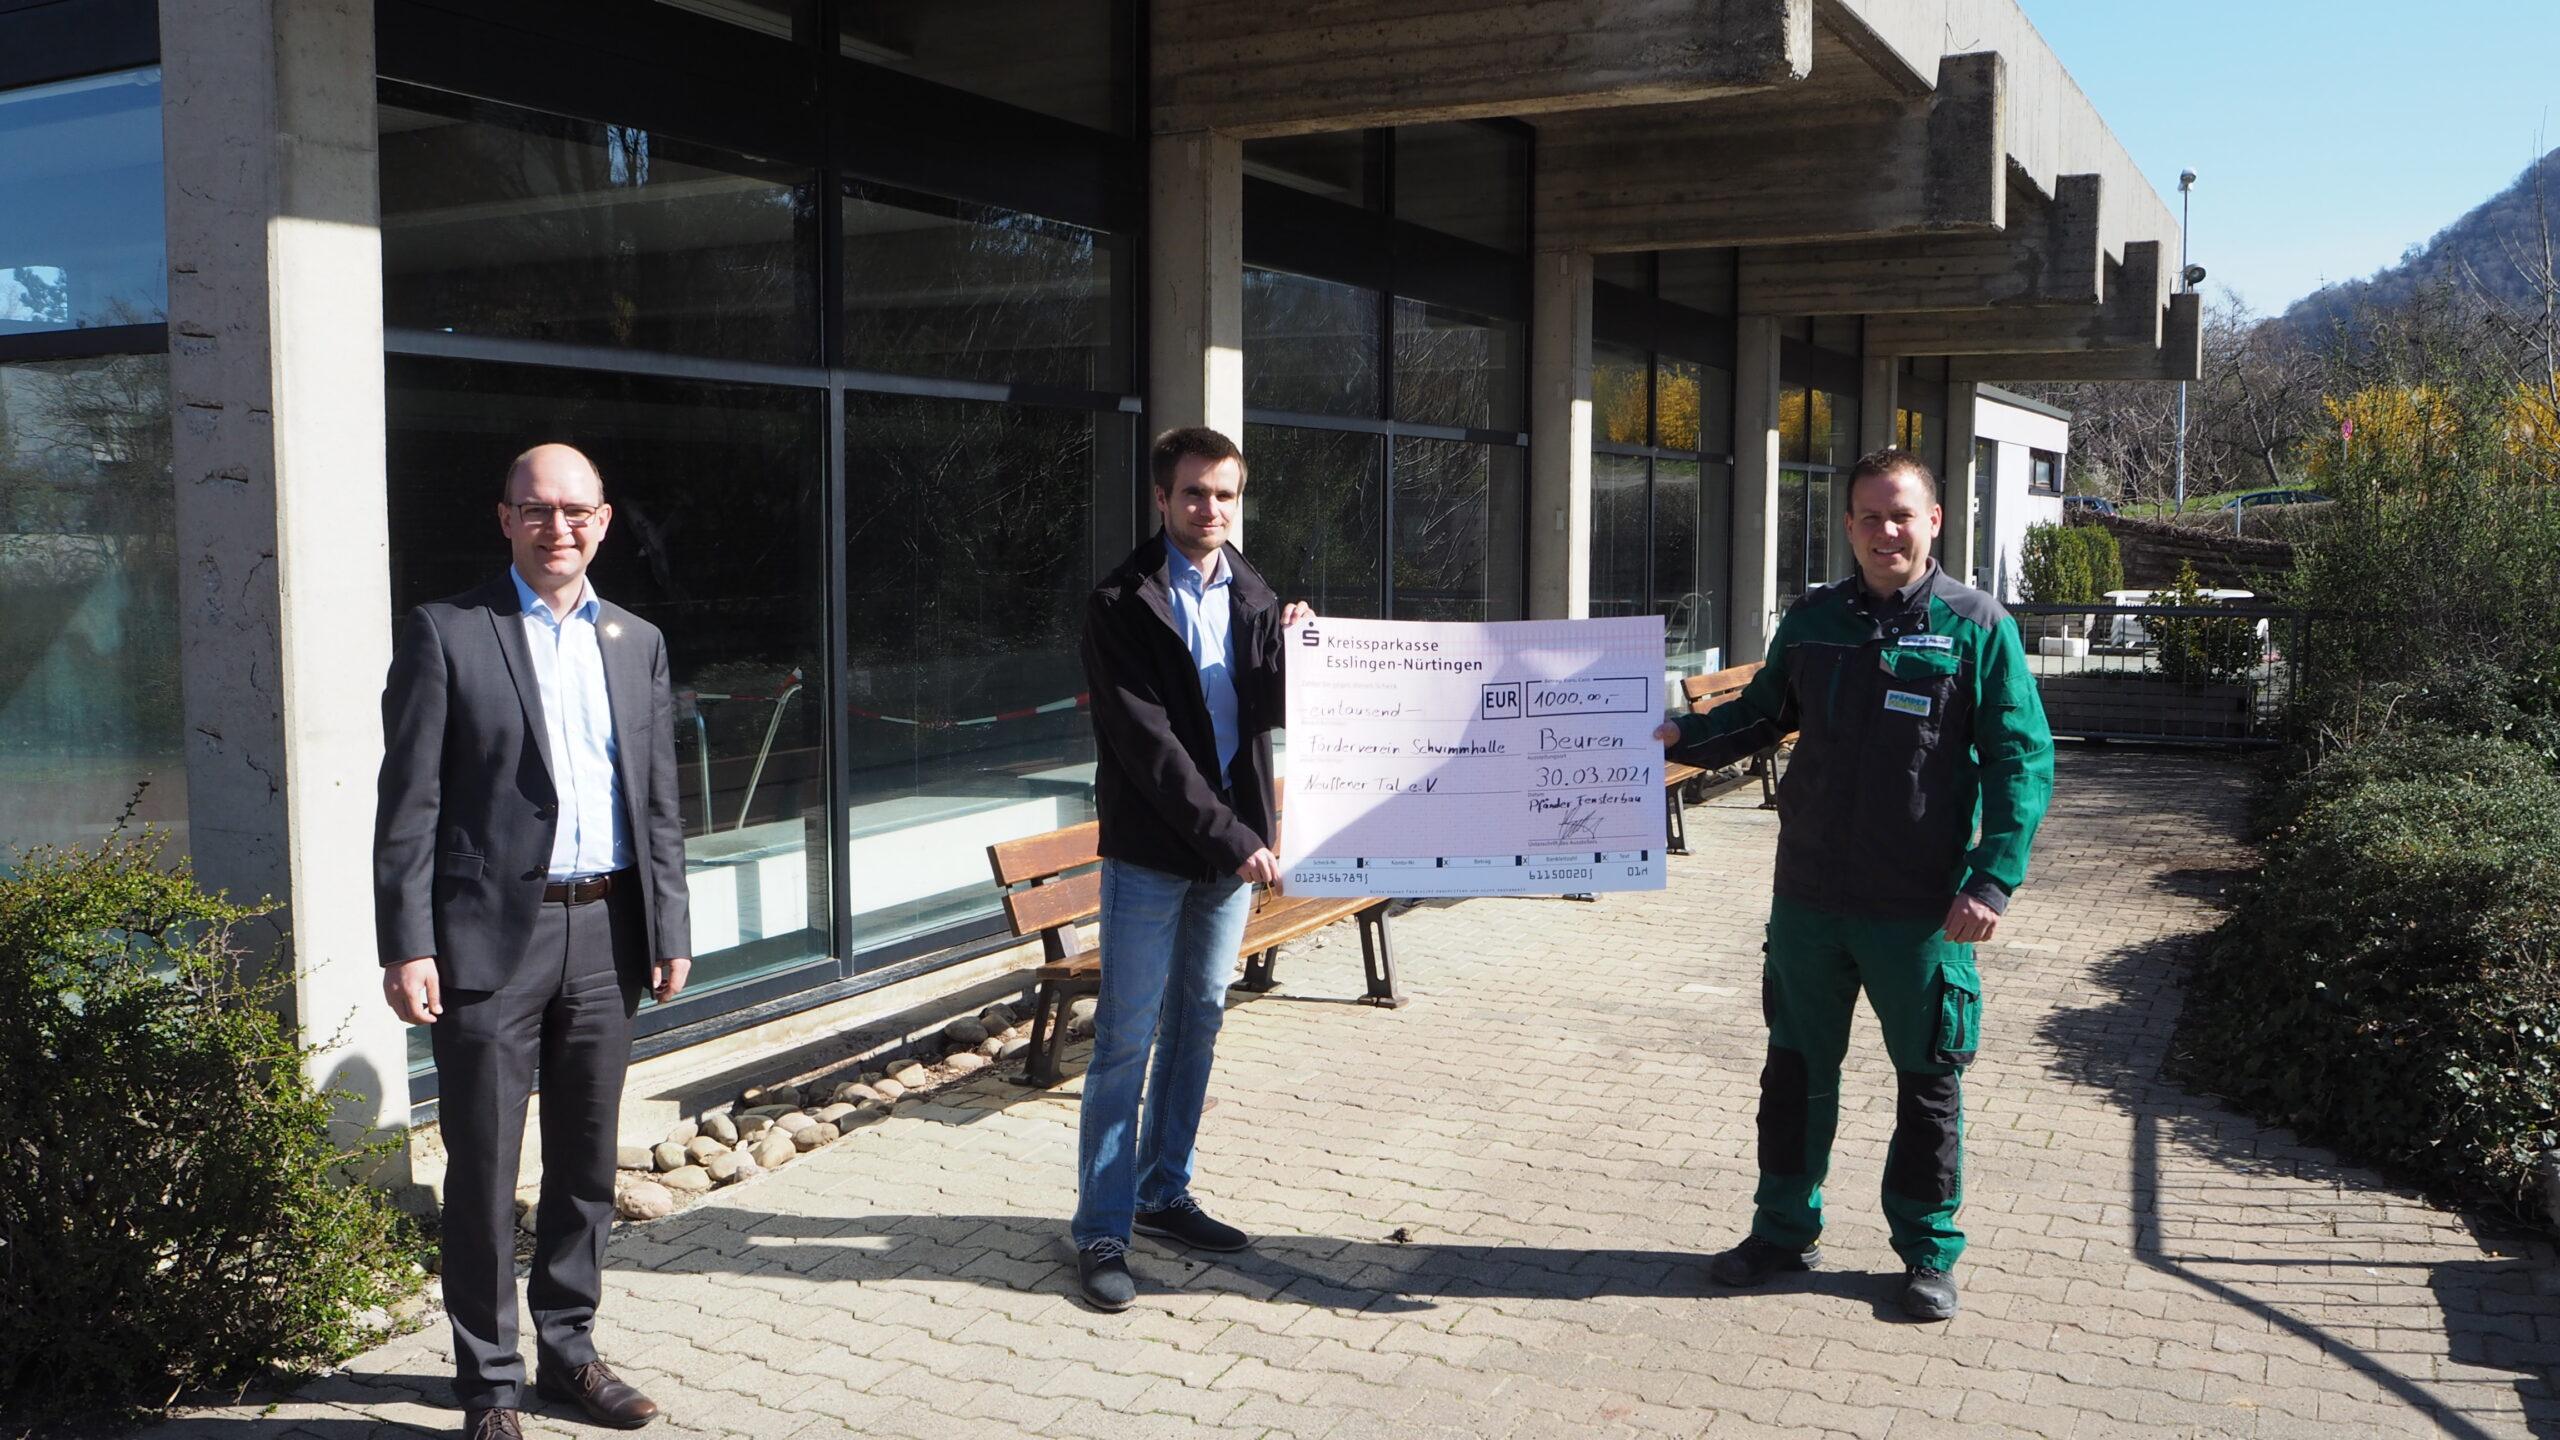 Bürgermeister Gluiber, Kai Schneider und Christoph Pfänder bei der Scheckübergabe